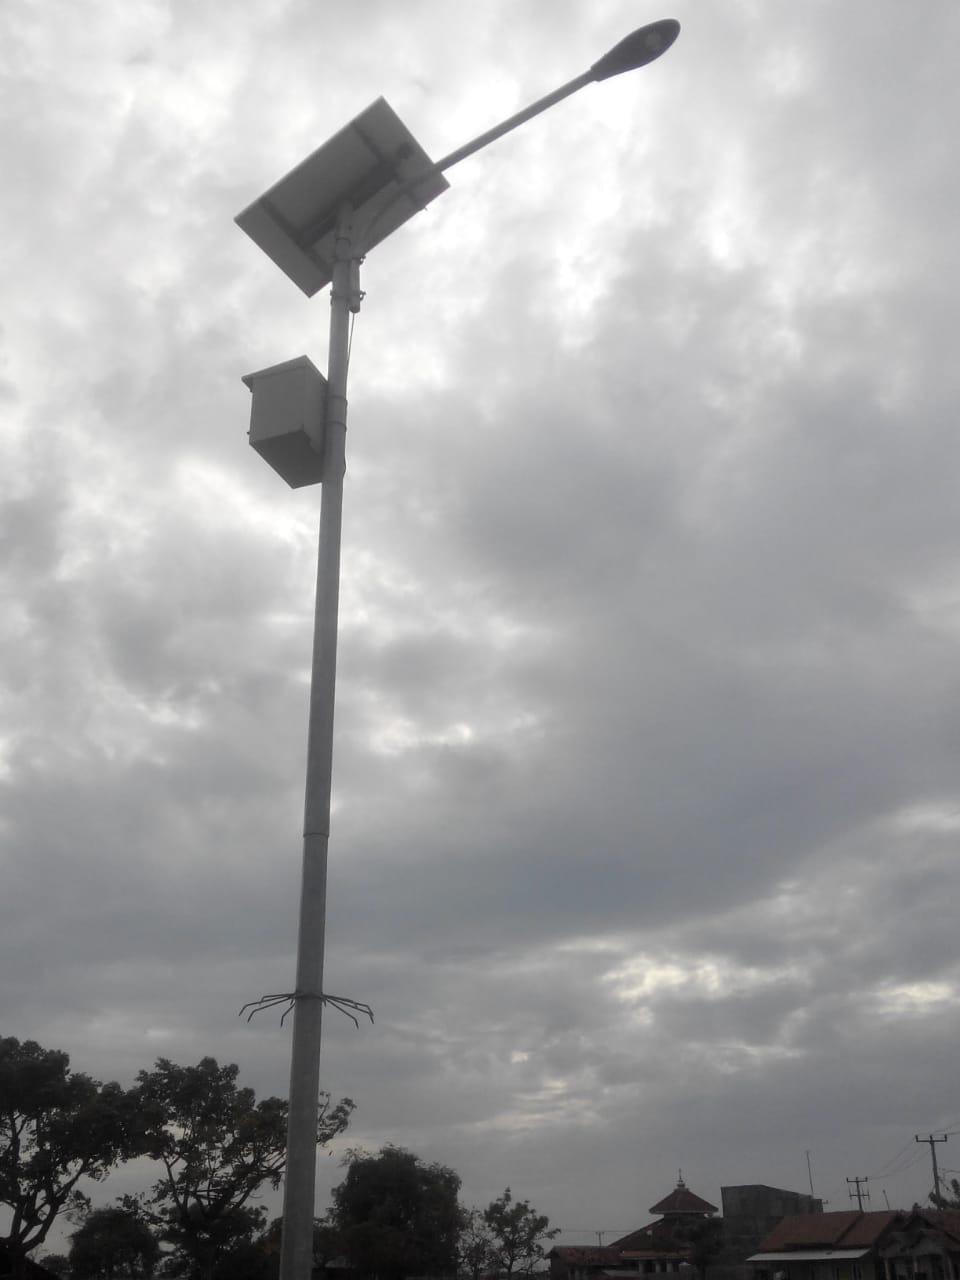 jual Paket Lampu PJU Tenaga Surya 30 Watt | PJUTS 30 Watt